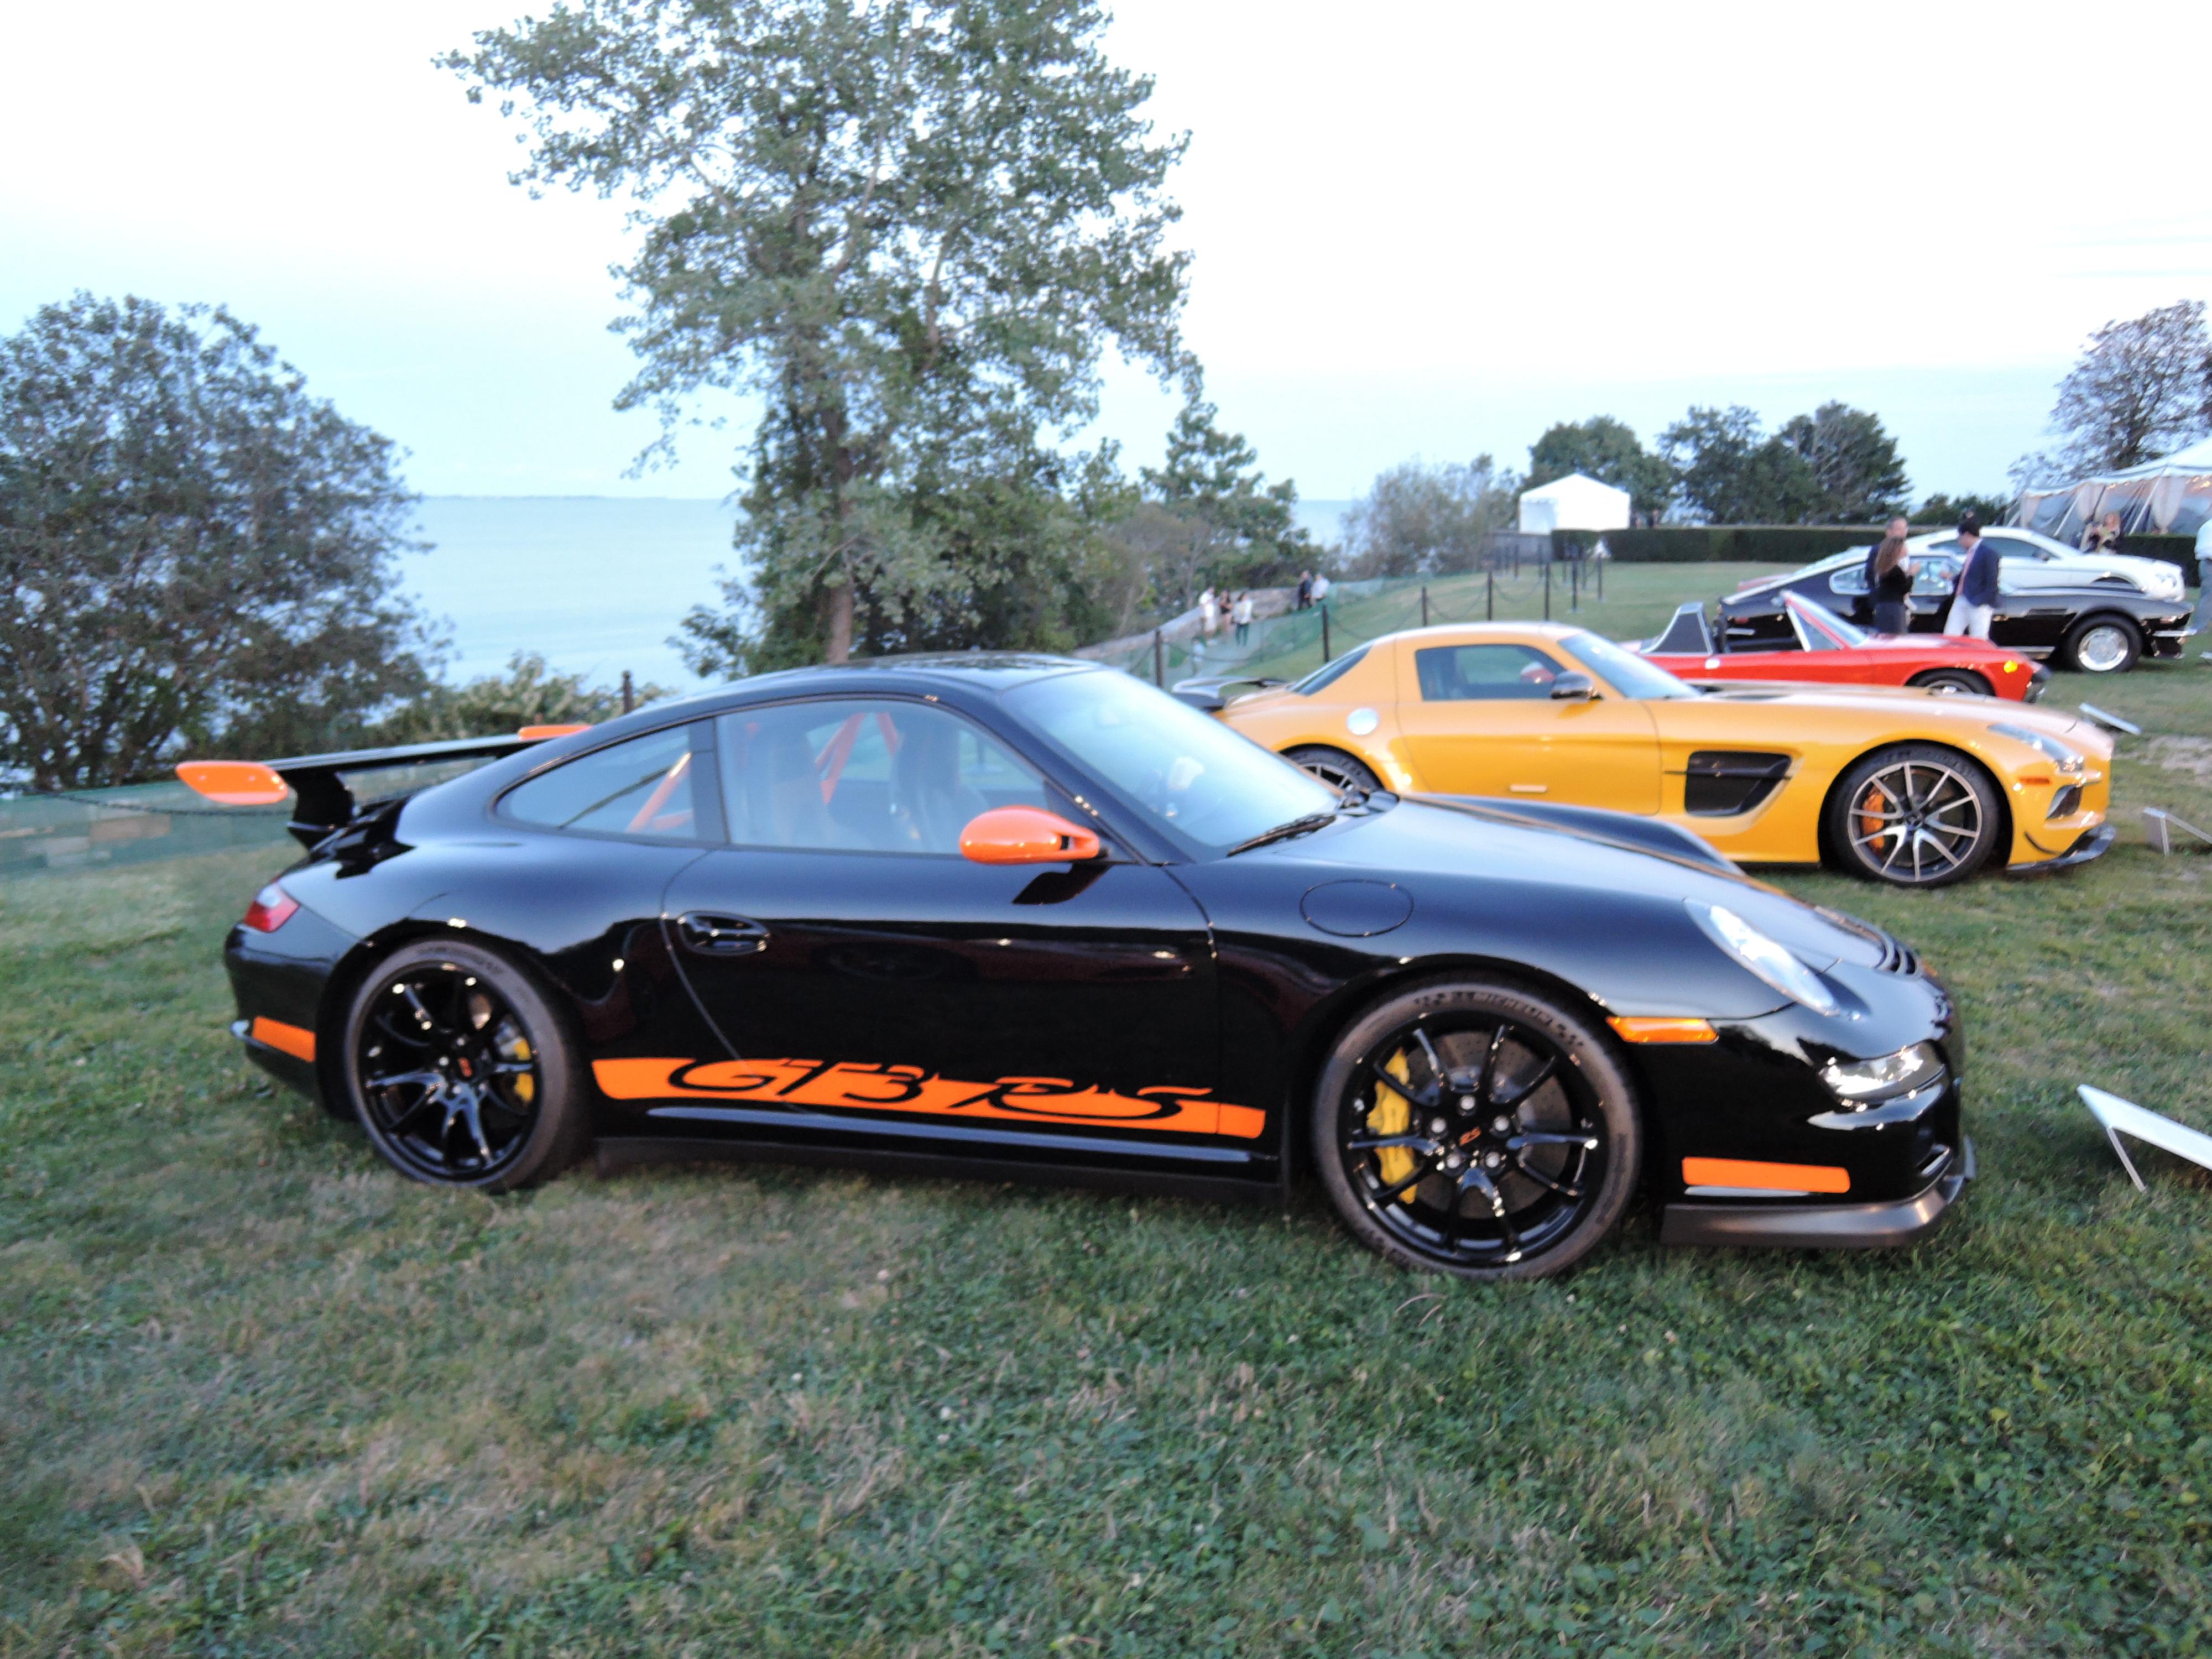 black 2011 Porsche 911 GT3 RS - Audrain Auto Museum Gala 2017